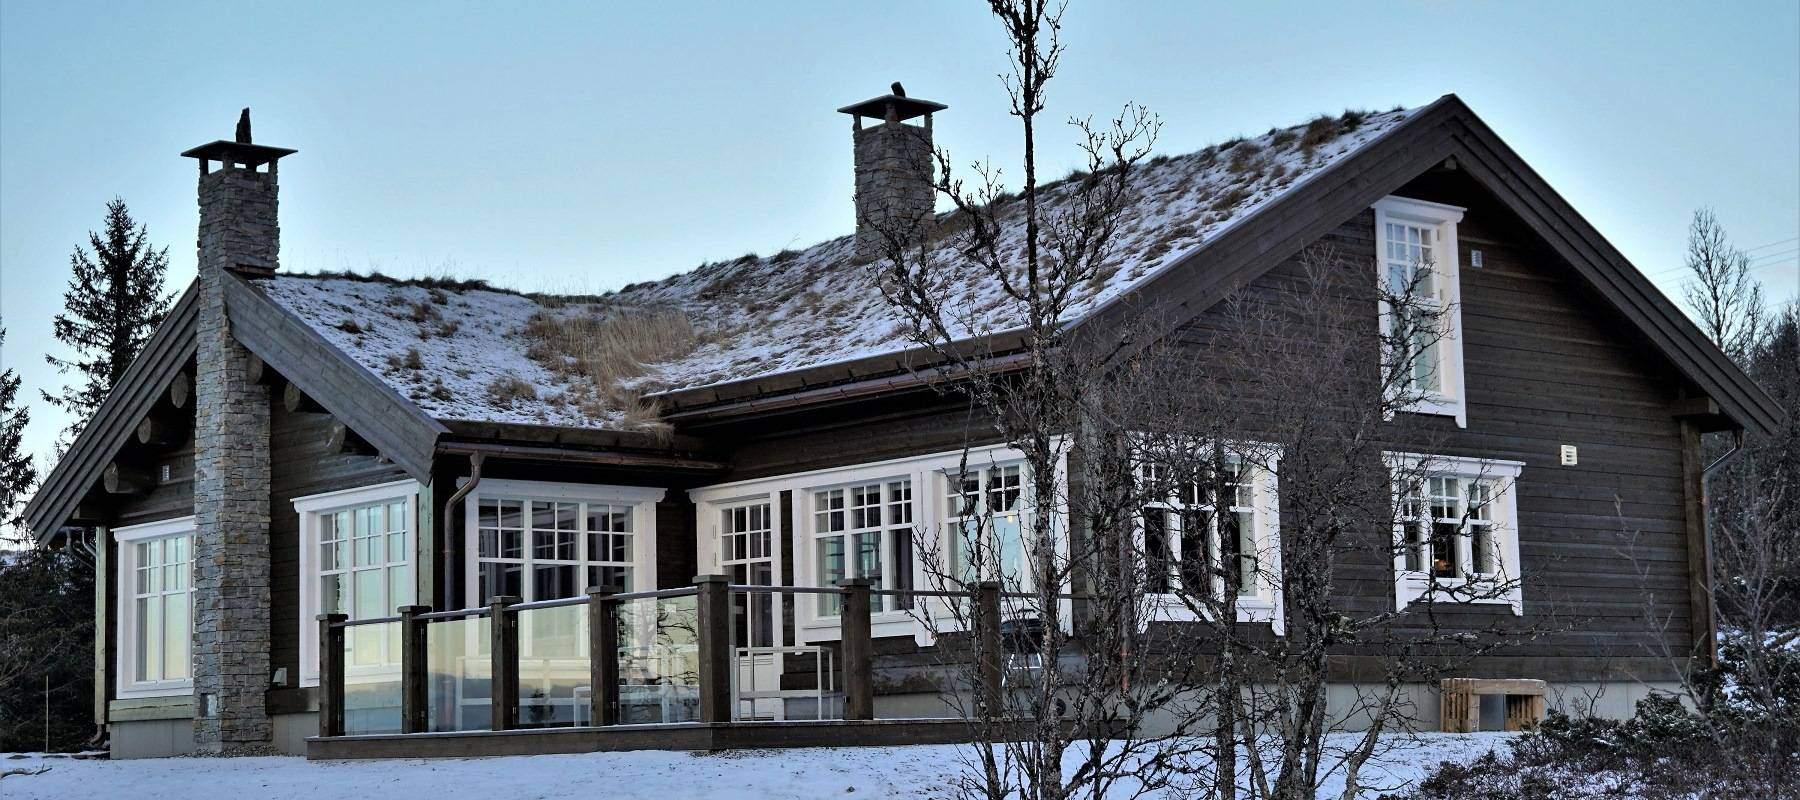 14 Hytteleverandor – Tiurtoppen Hytter Inspirasjon hytte pa Gålå